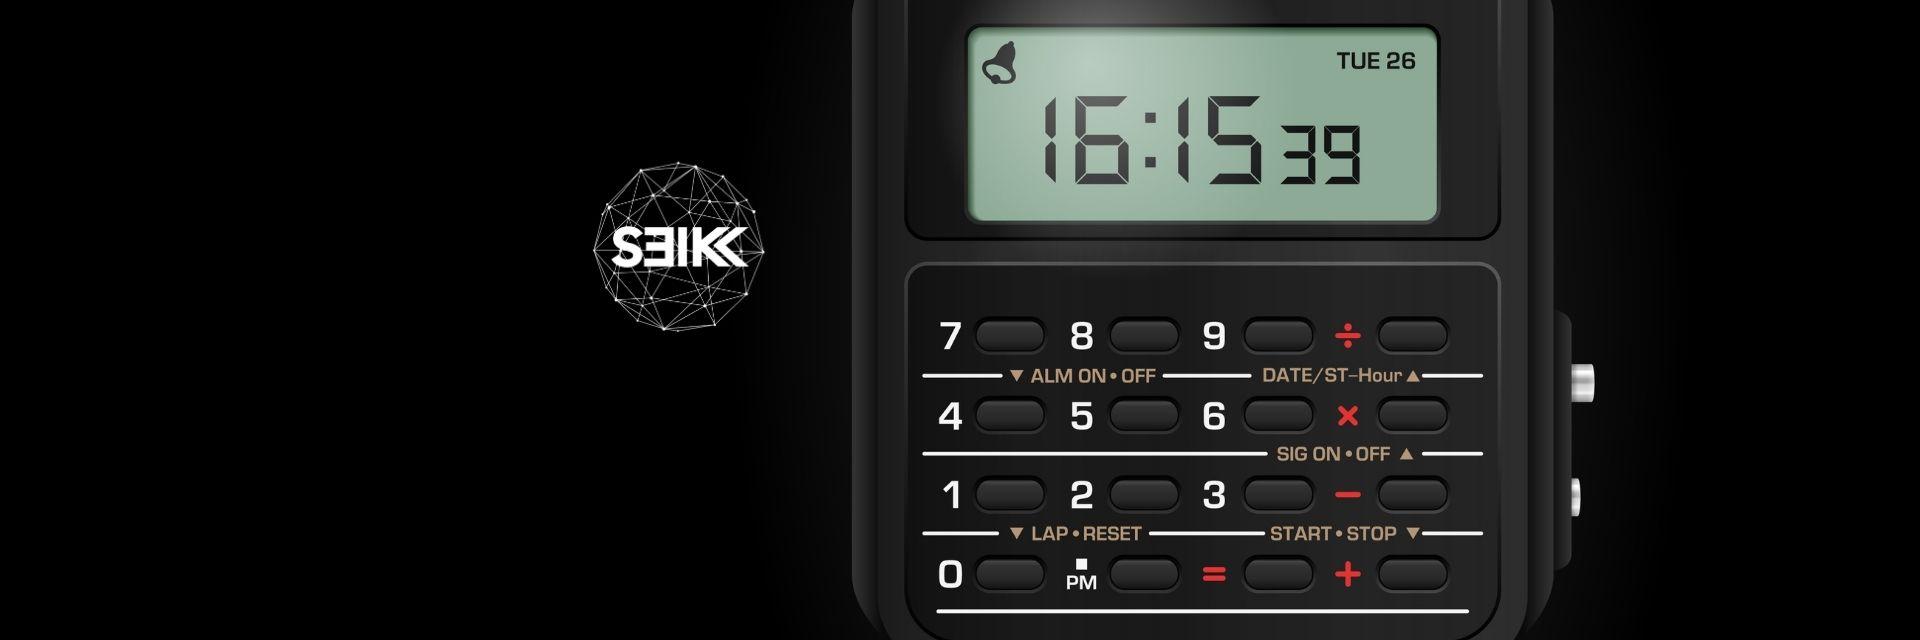 Foto Panorámica para presupuesto de diseño web sin texto BLOG Seik calculadora para presupuestar tu web seik diseño web y redes sociales